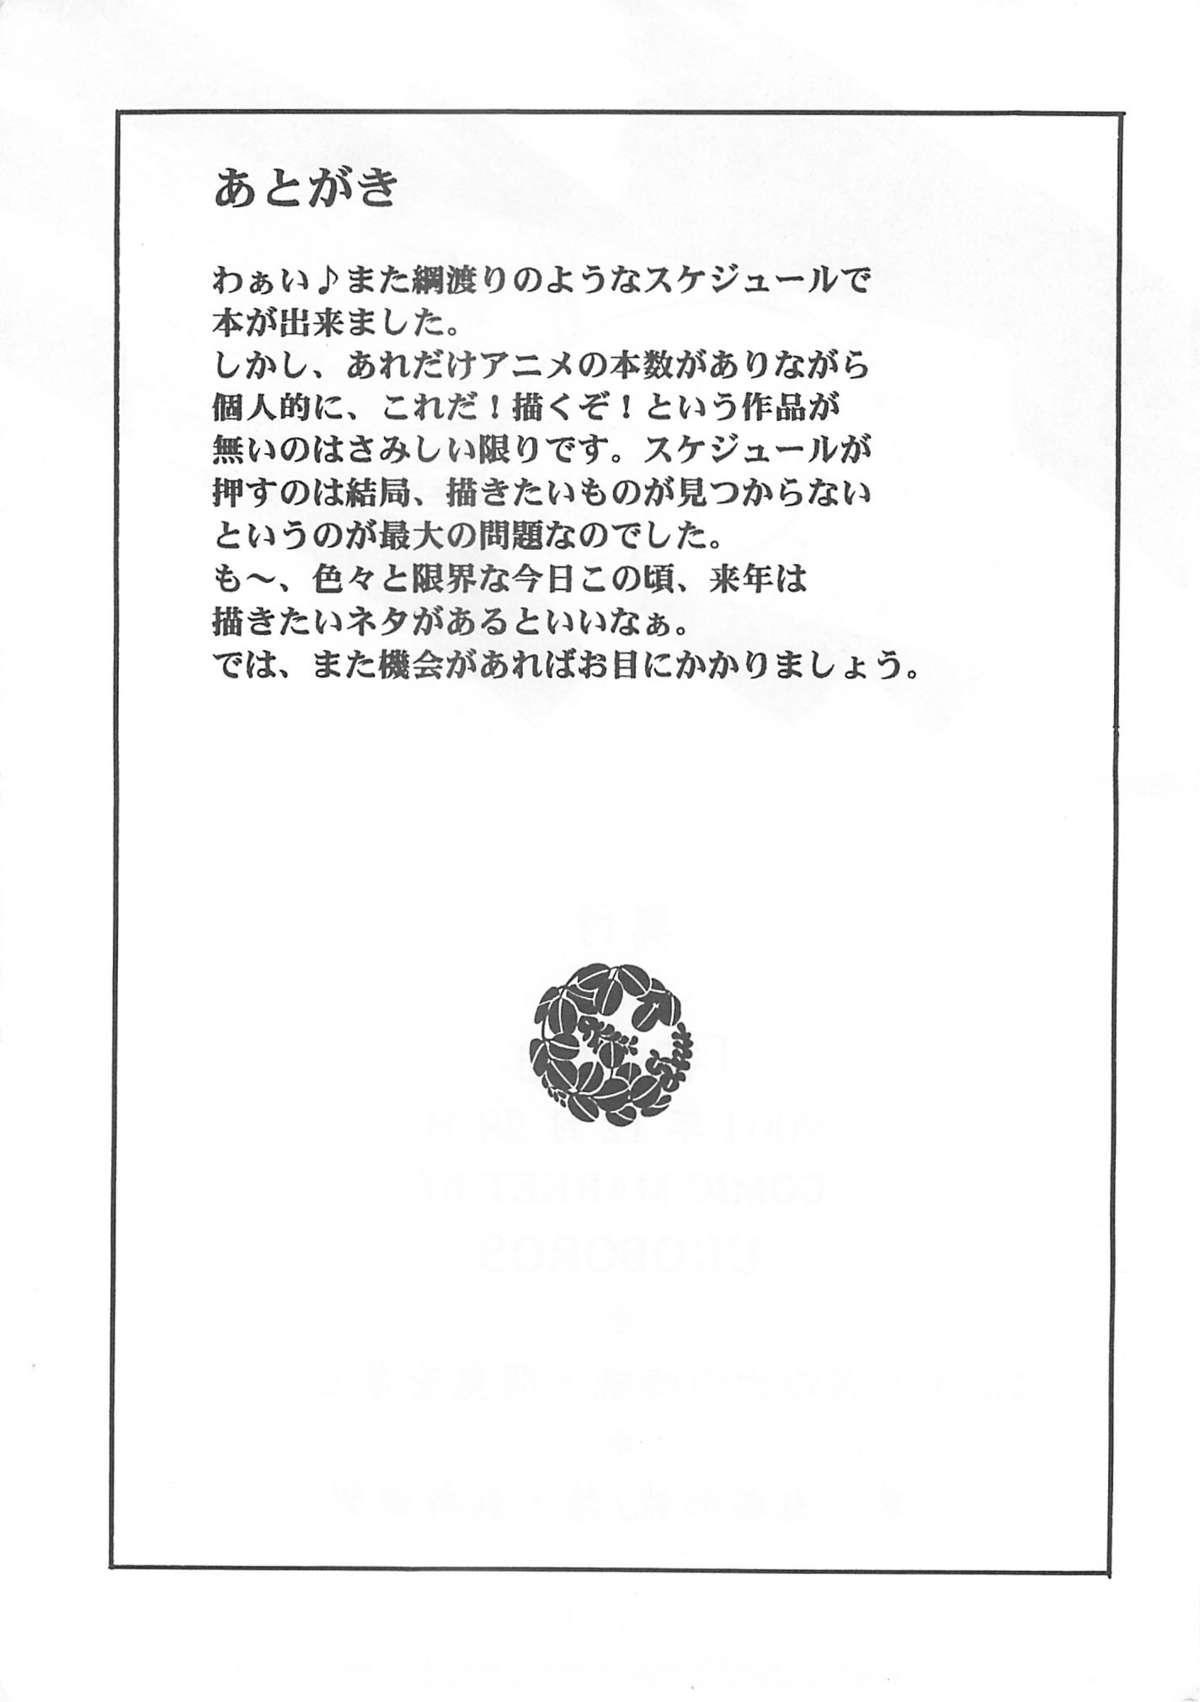 Hanafubuki 39